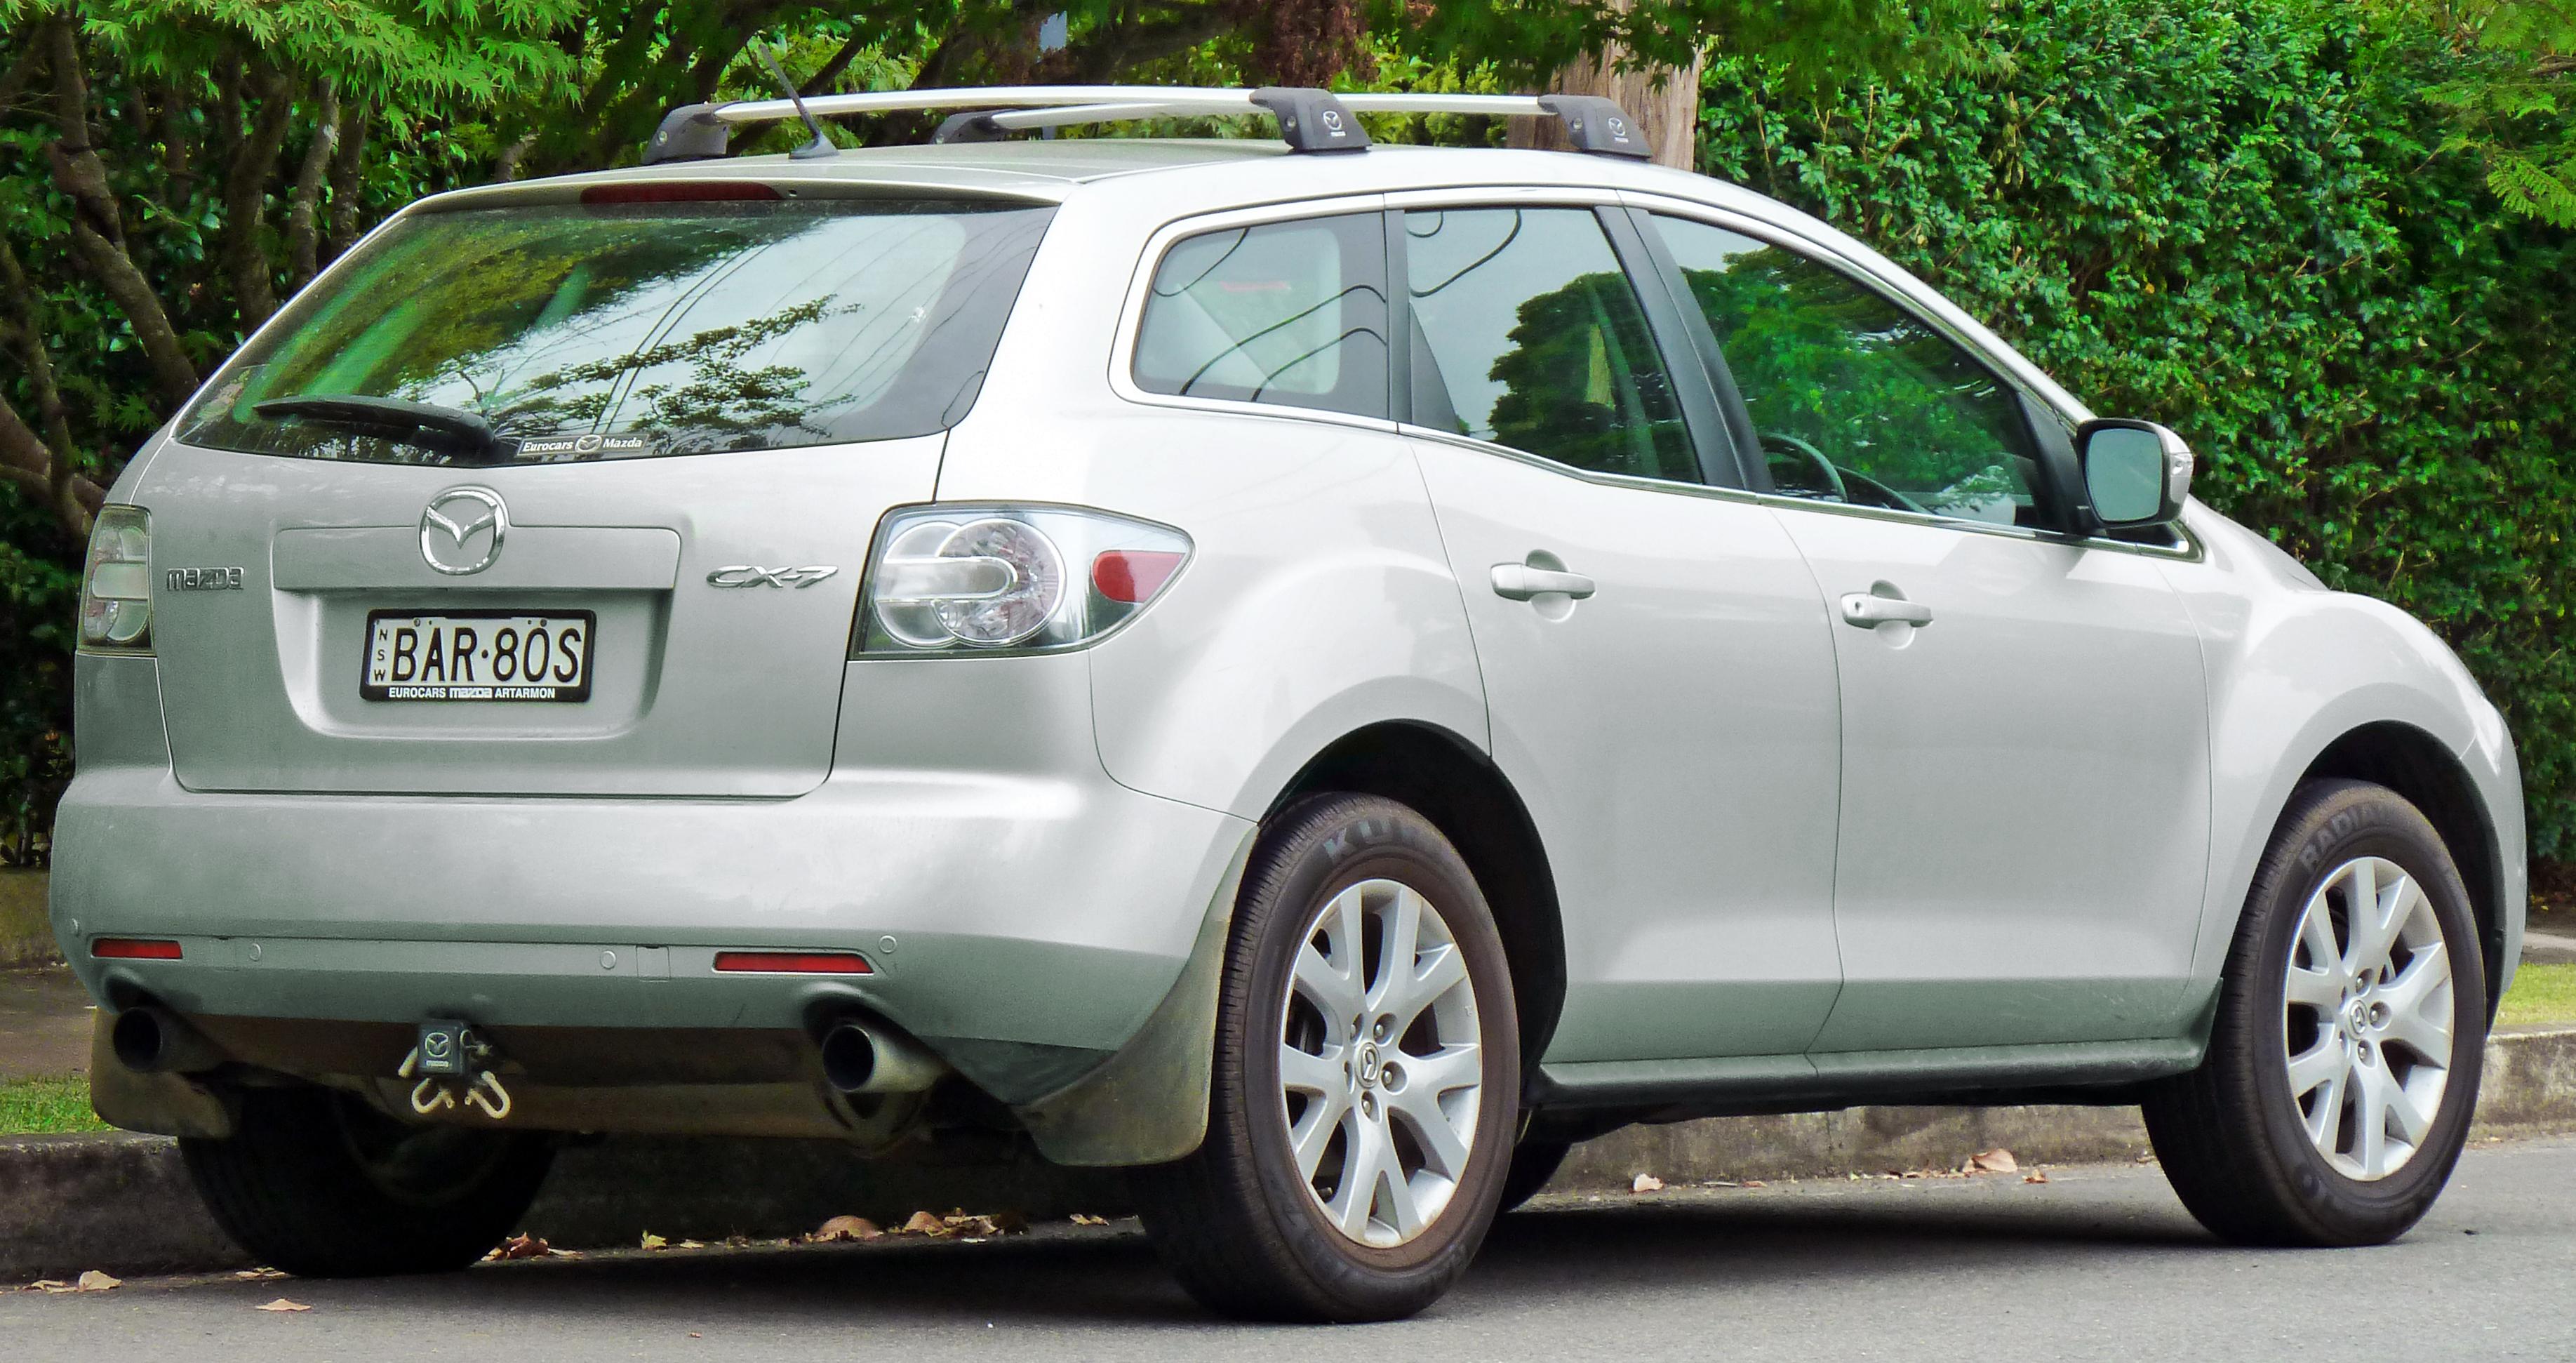 2009 Mazda Cx 7 Image 21